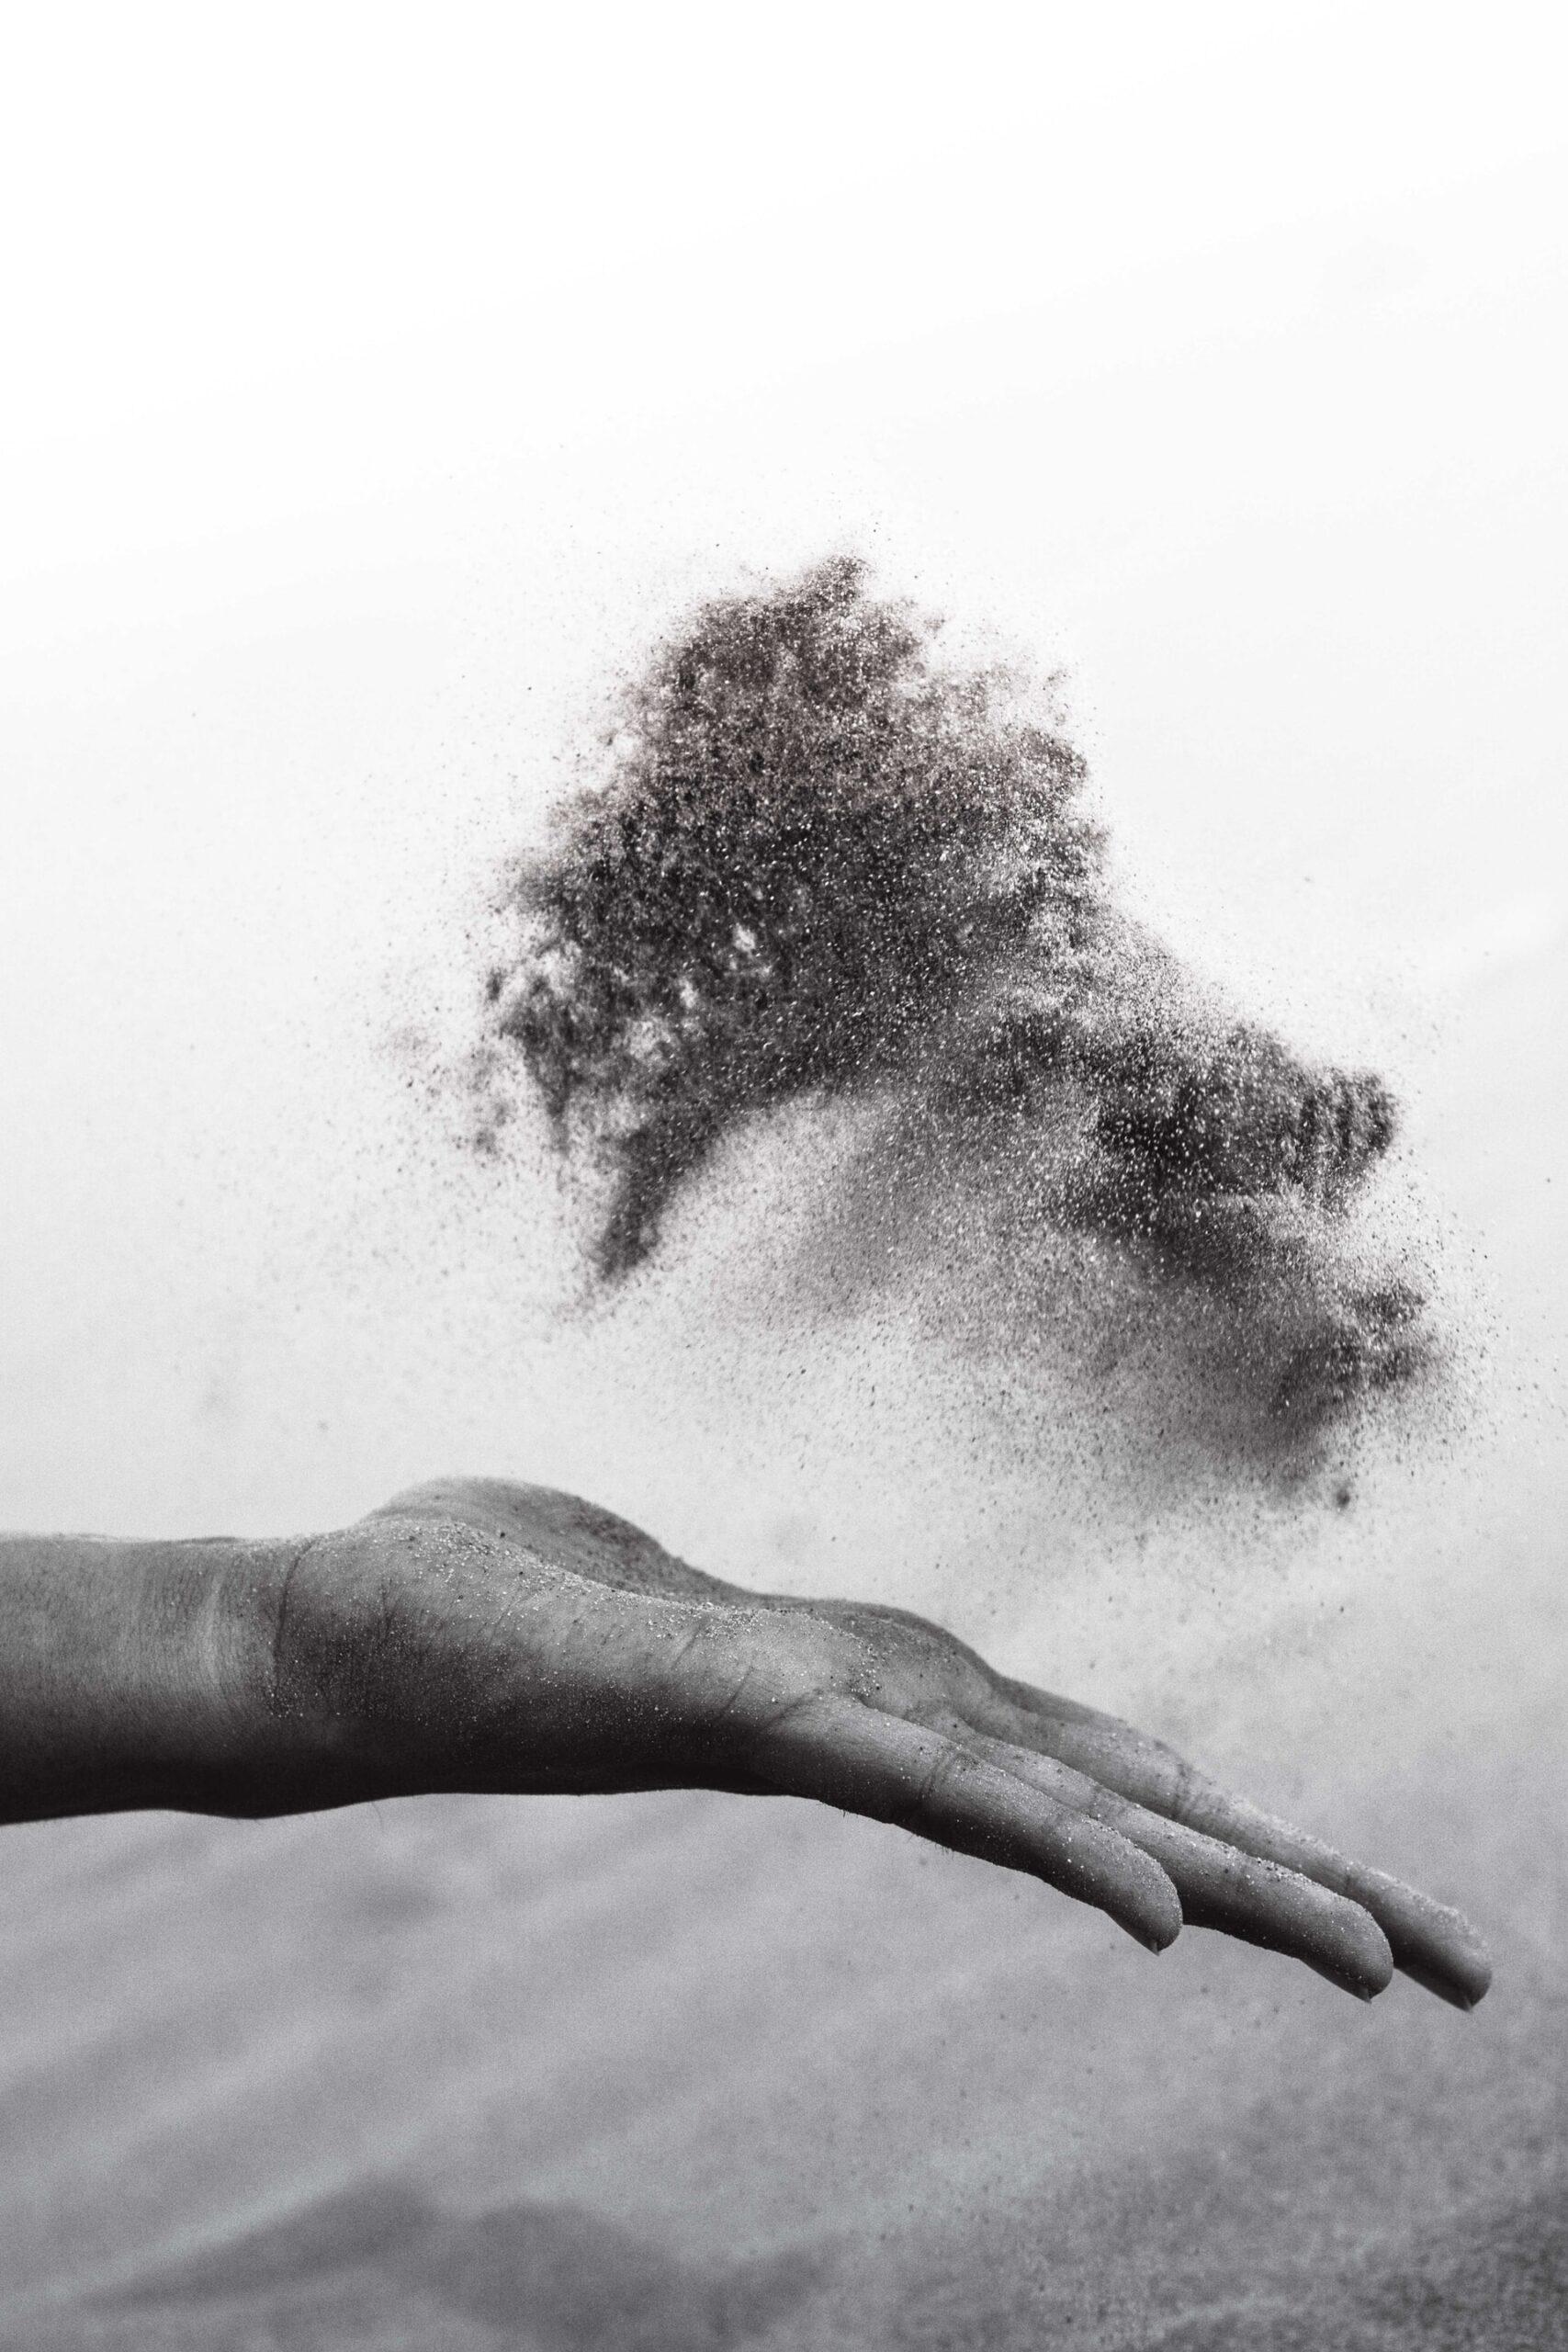 Dustless Sandblasting